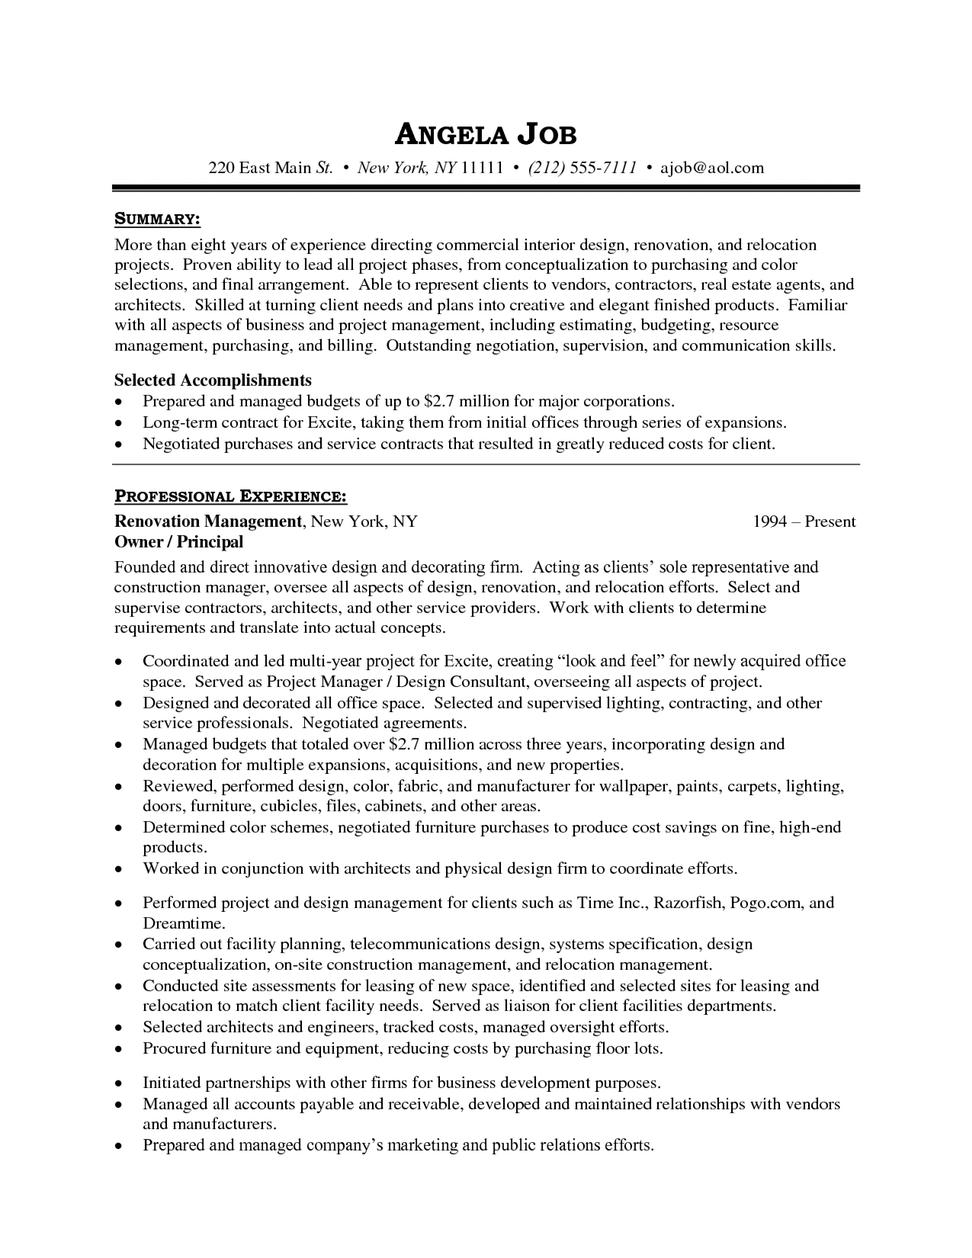 017 Adoption Essay Persuasive Speech Outline Topics Personal Interior Design Assistant Resume Example Websites Career Designing Internships Unique Definition Writing Pdf Hero Success Full